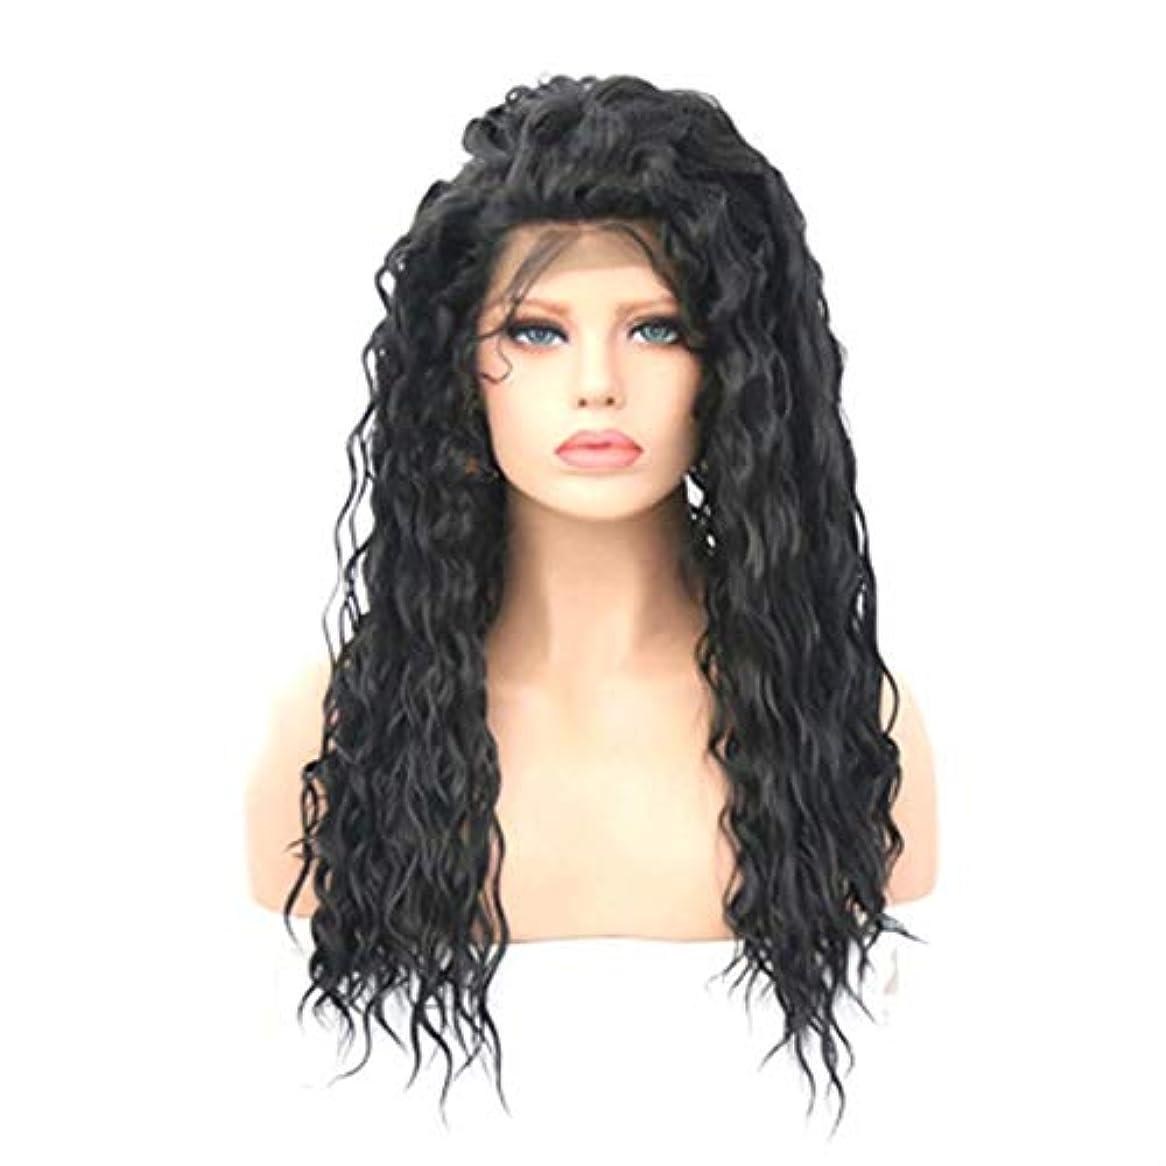 フィットそうでなければスピンヘアピース ヨーロッパおよびアメリカの女性の長い巻き毛の手仕事のレースの化学繊維の毛のかつらの帽子